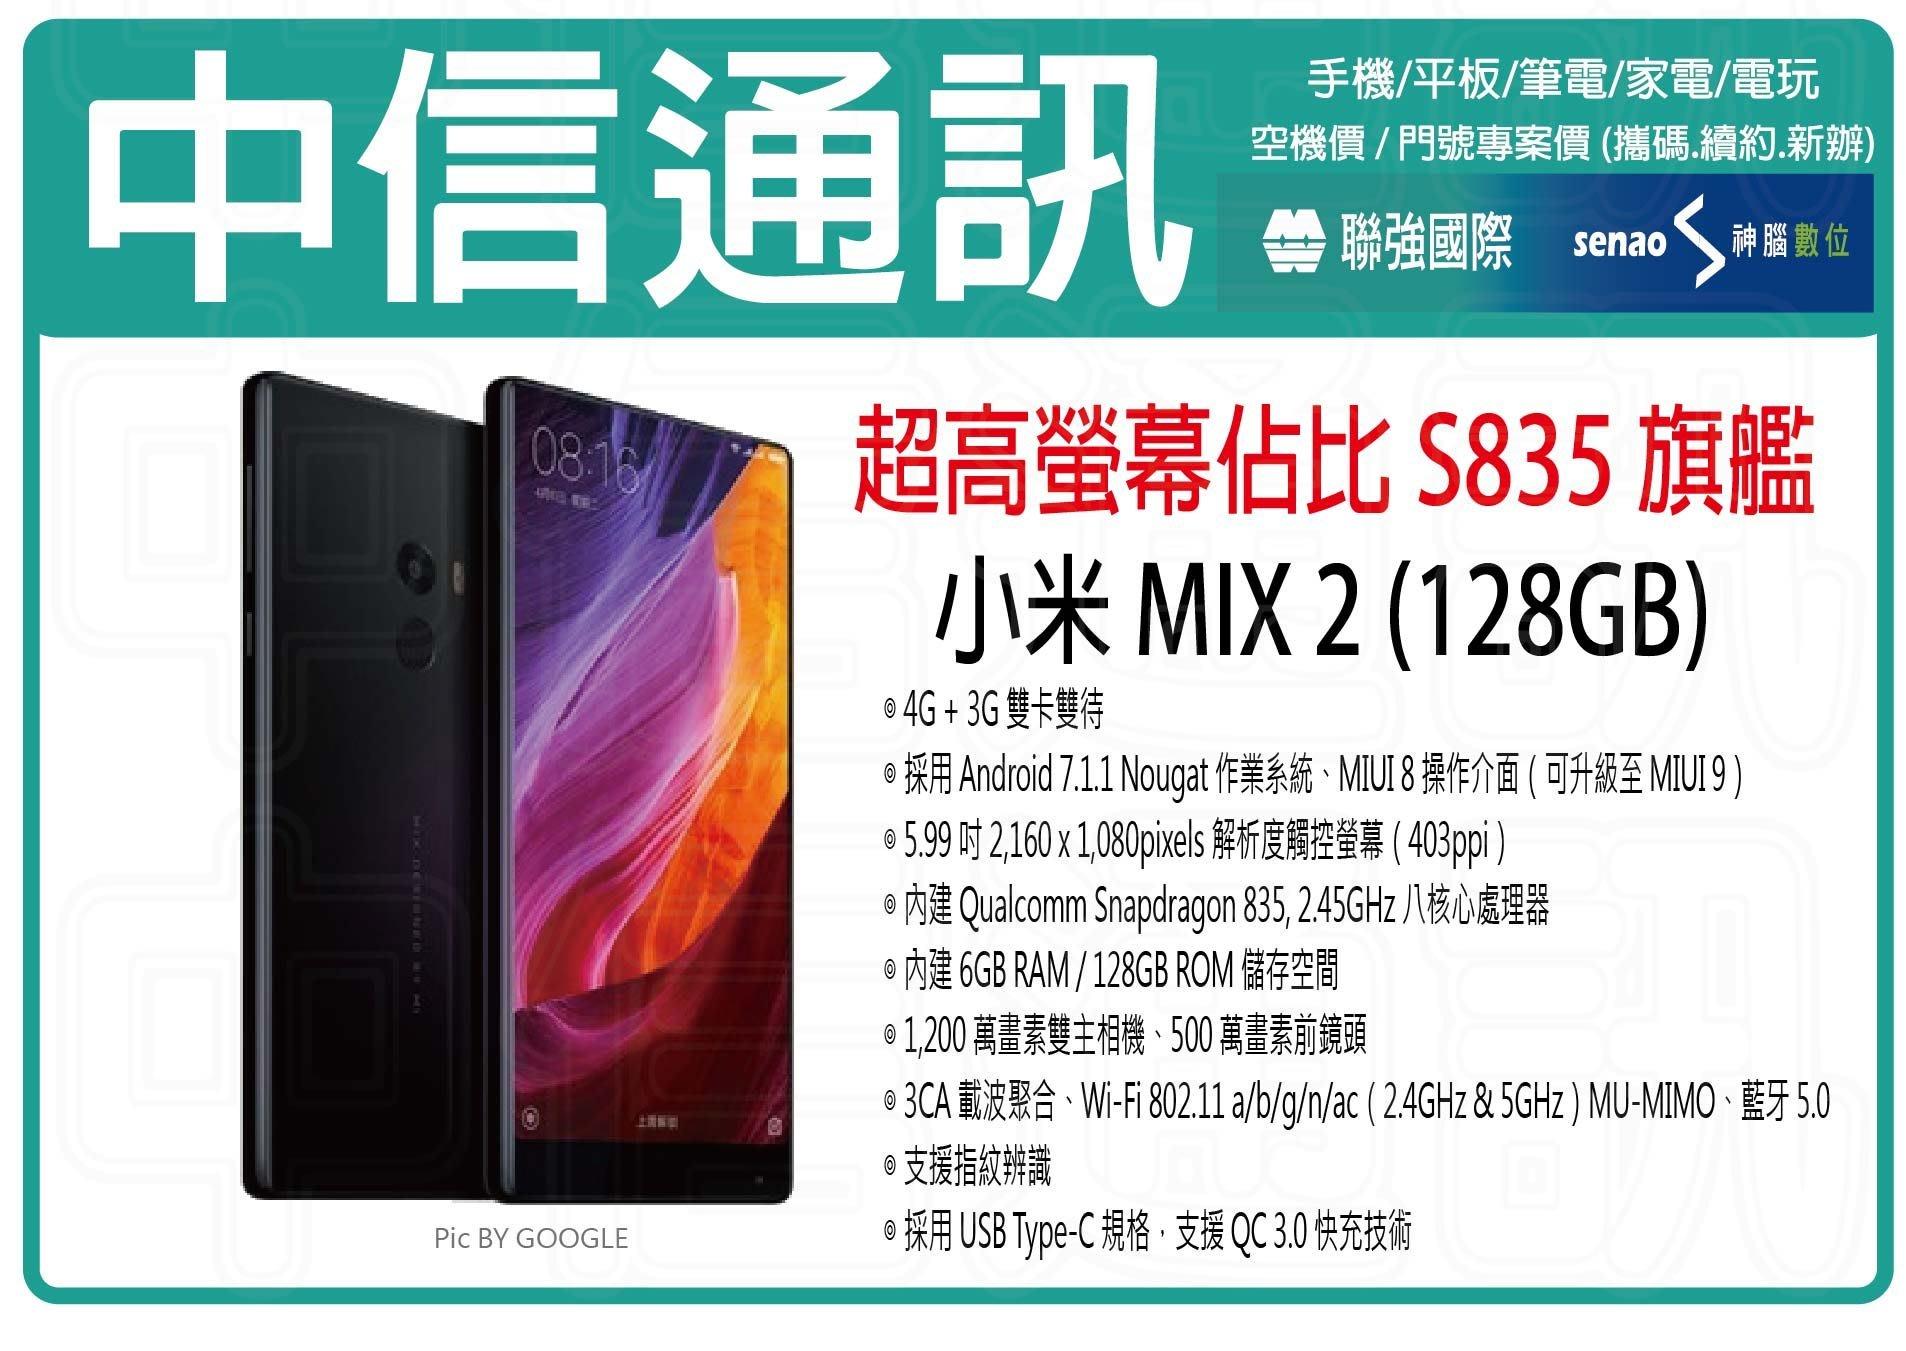 亞太續約小米MIX 2 128GB 小米MIX2 128G現貨 免卡分期 小米MIX2免預繳 單機空機價專案價洽內文